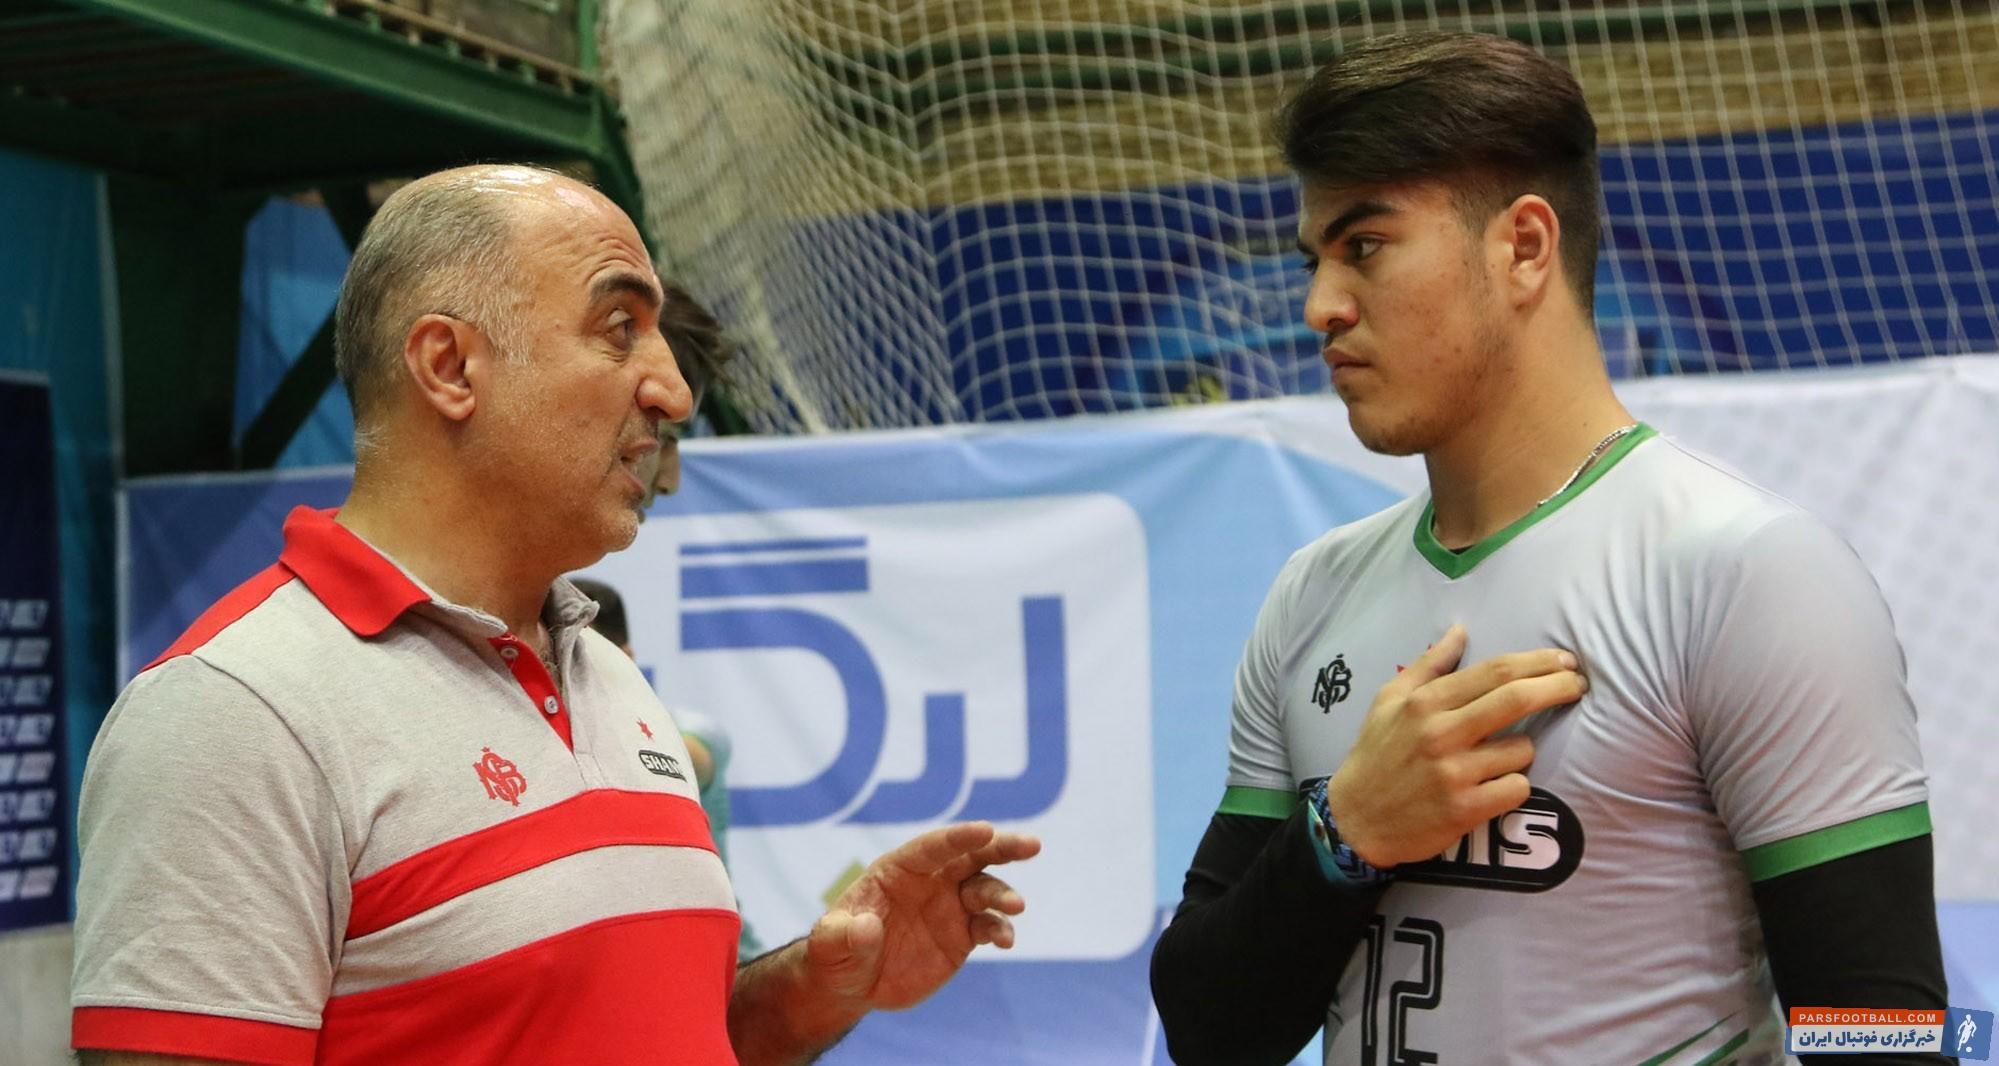 مرتضی شریفی بعد از مسابقات قهرمانی جهان 2018 به سری A1 ایتالیا رفت مرتضی شریفی در کنار جواد معنوینژاد، زیر نظر نیکولا گربیچ بازی کرد.